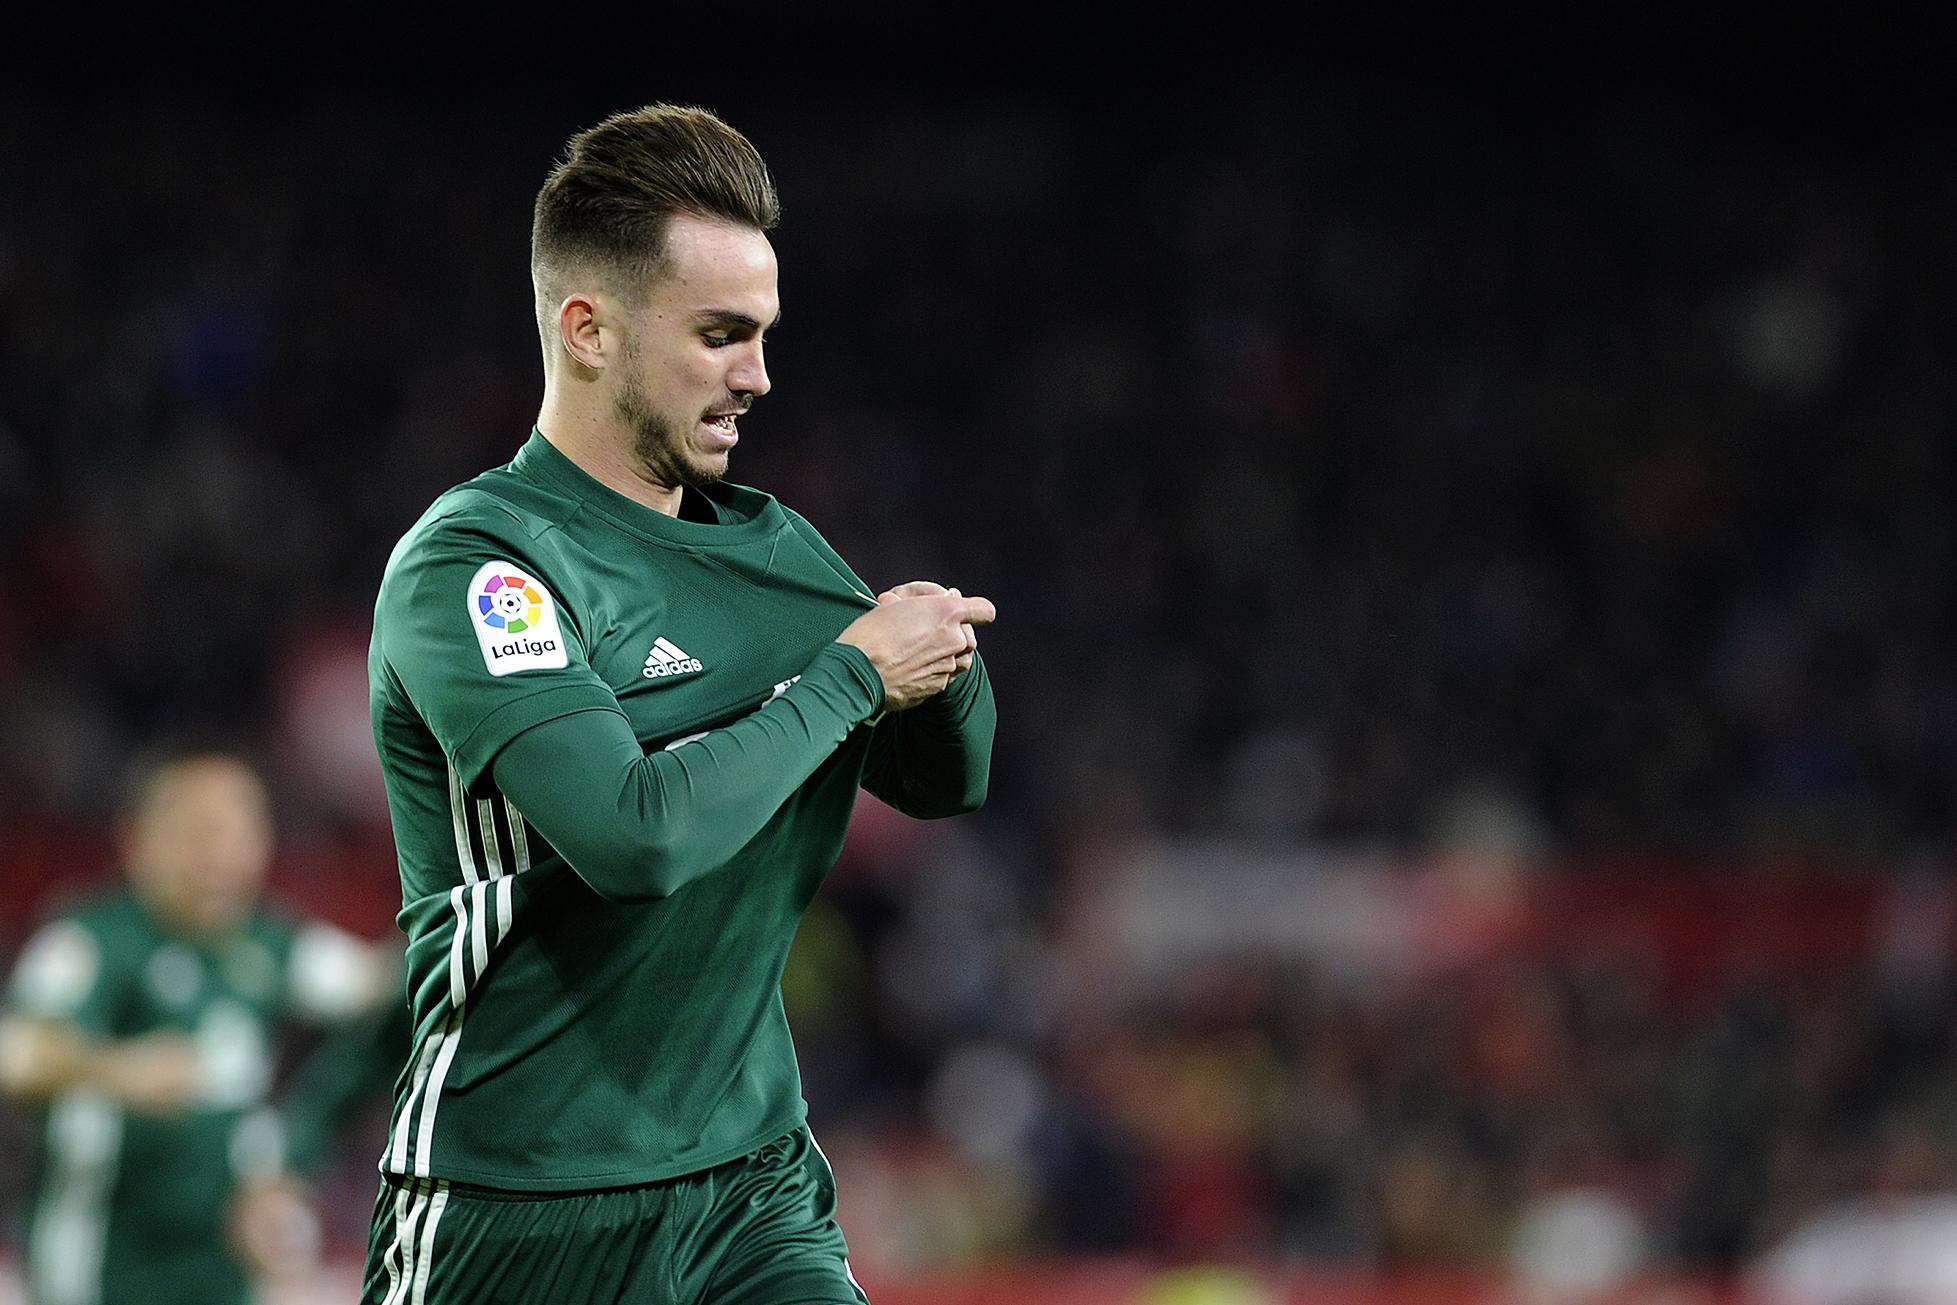 Calciomercato Roma, Monchi segue Fabian Ruiz del Betis Siviglia